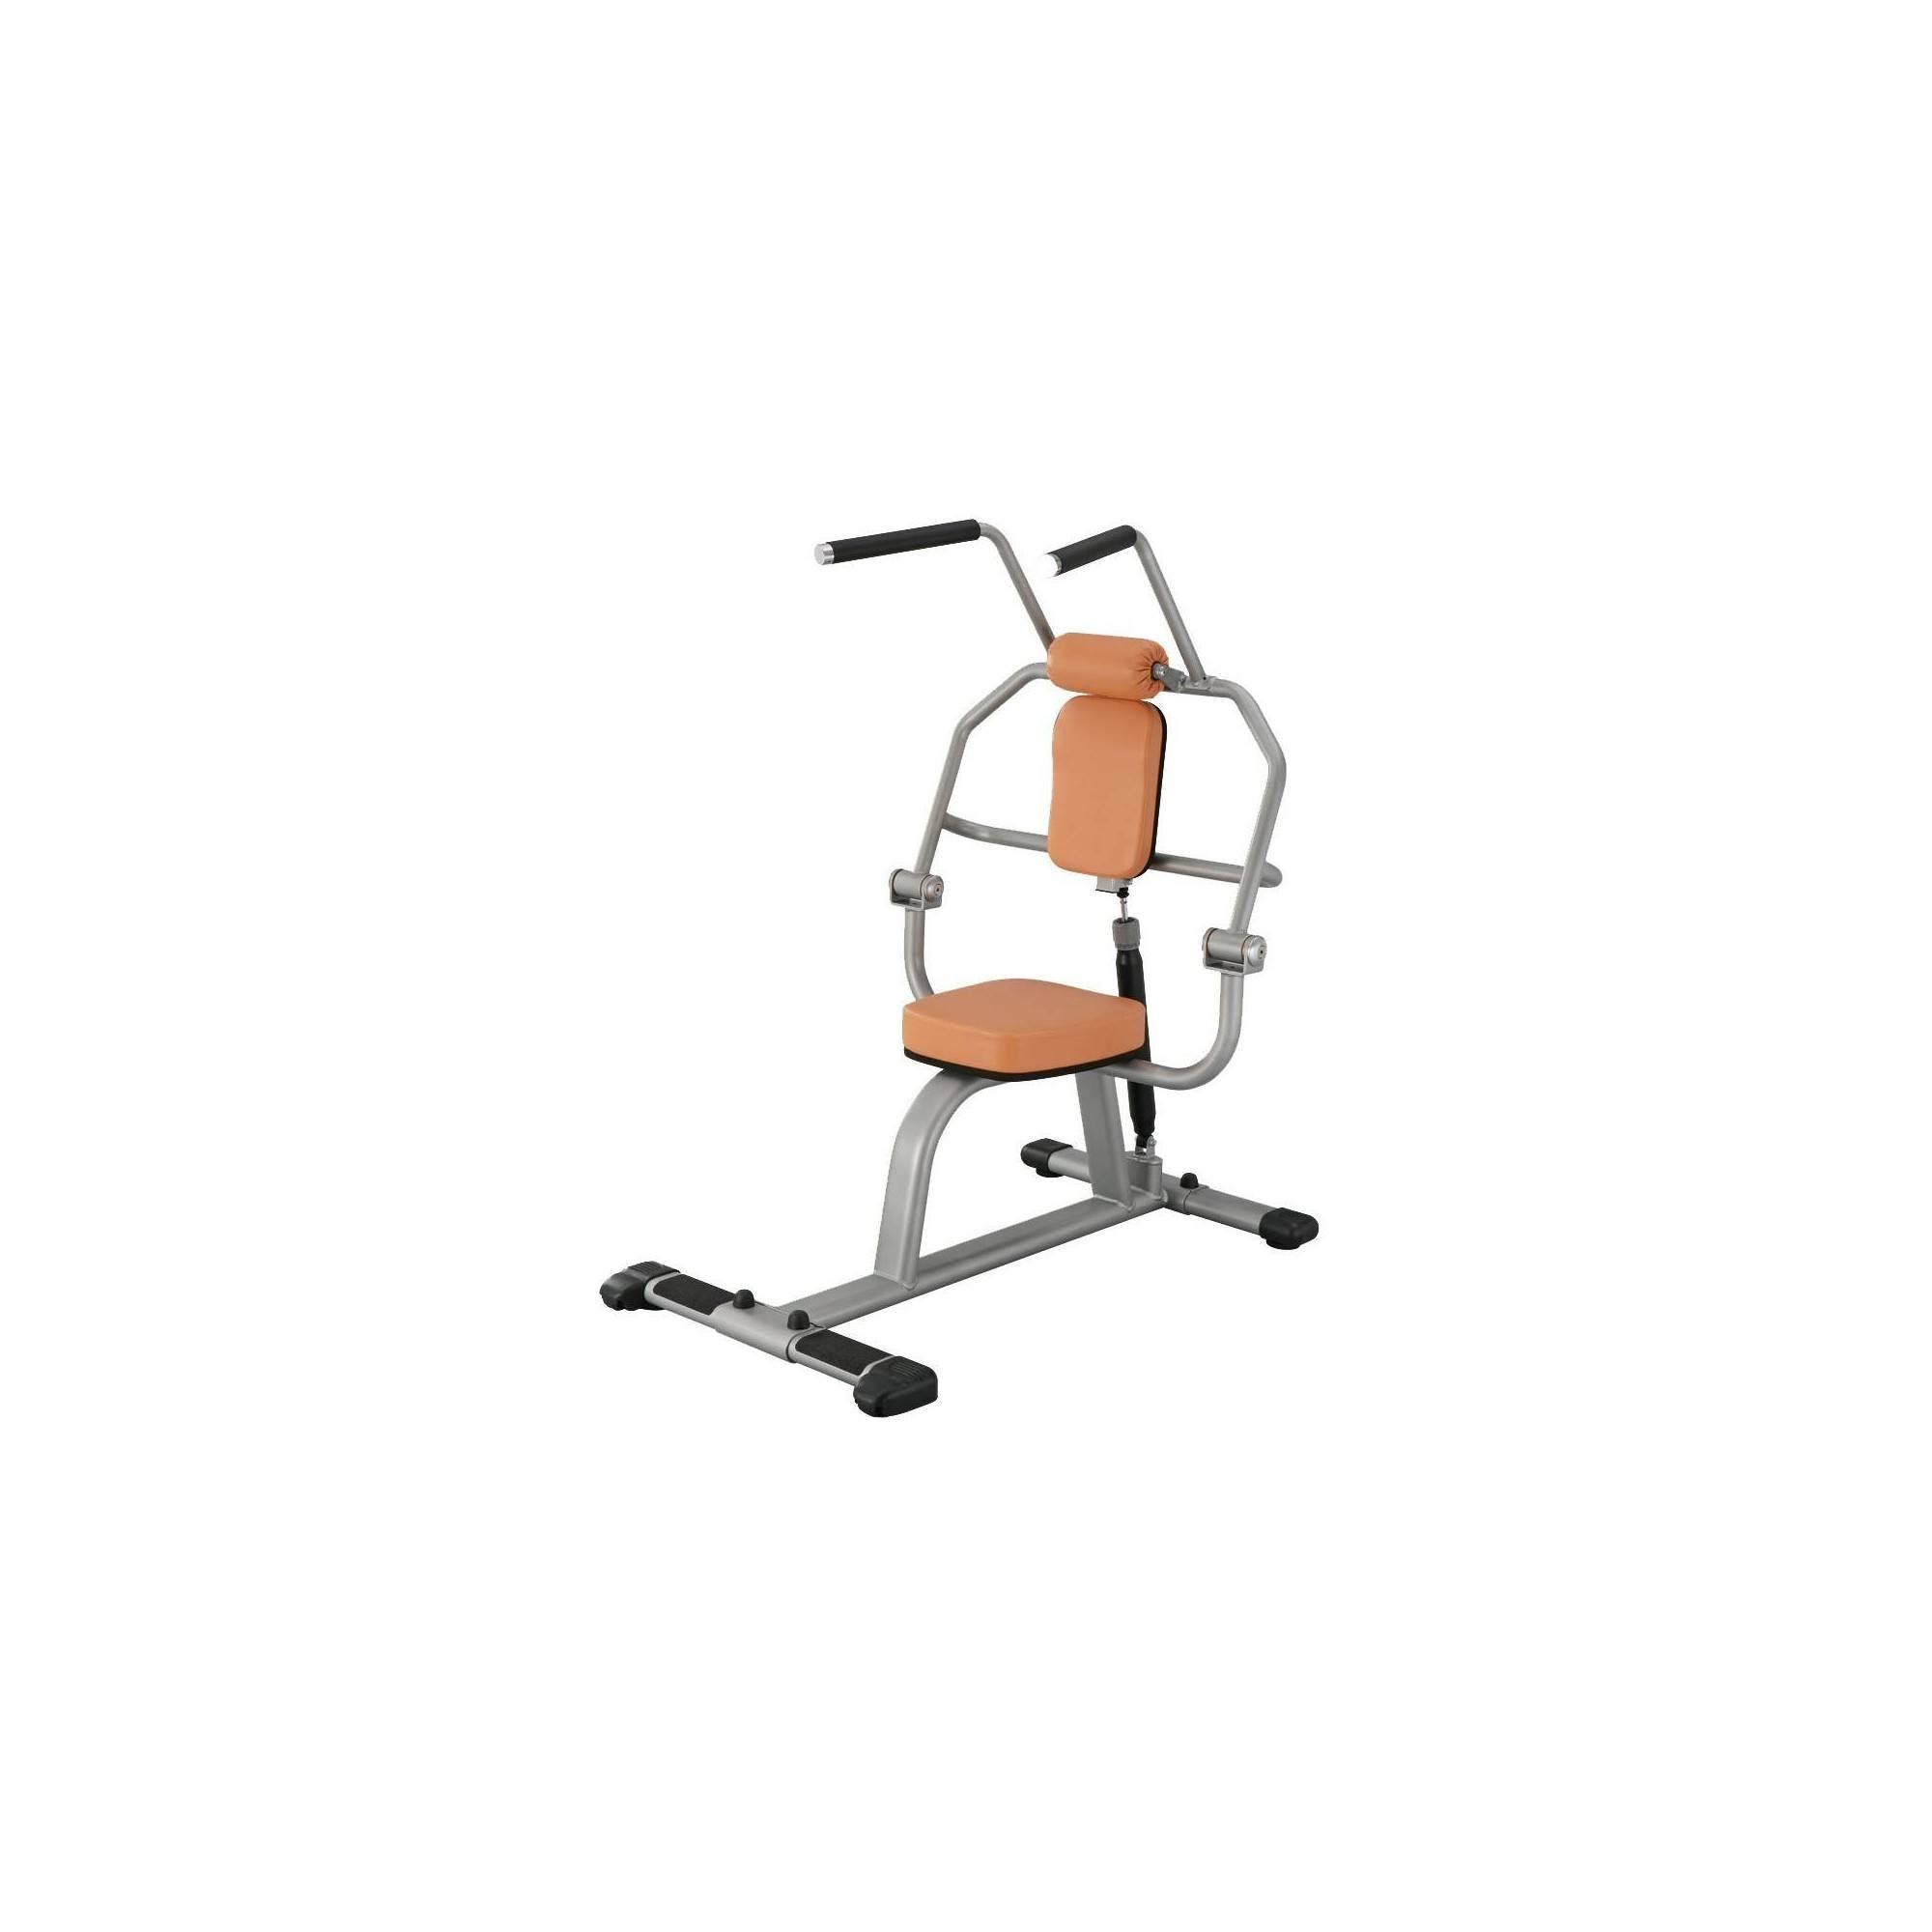 Trening obwodowy STEELFLEX CAB1000 ORANGE mięśnie brzucha STEELFLEX - 1 | klubfitness.pl